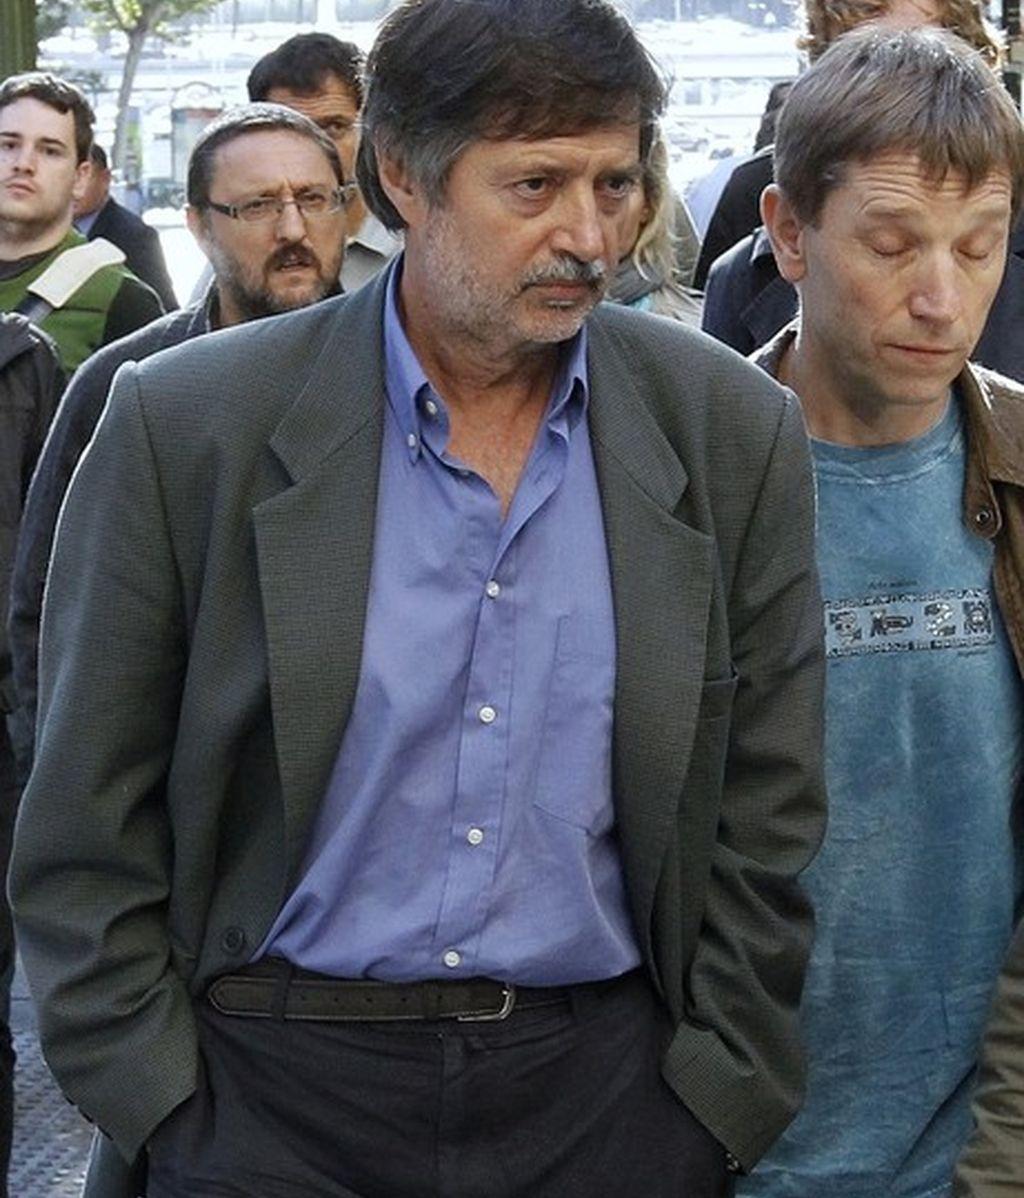 Rafael Díez Usuabiaga se dirige a la Audiencia Nacional a conocer la sentencia de diez años por pertenencia a ETA según la Audiencia Nacional.